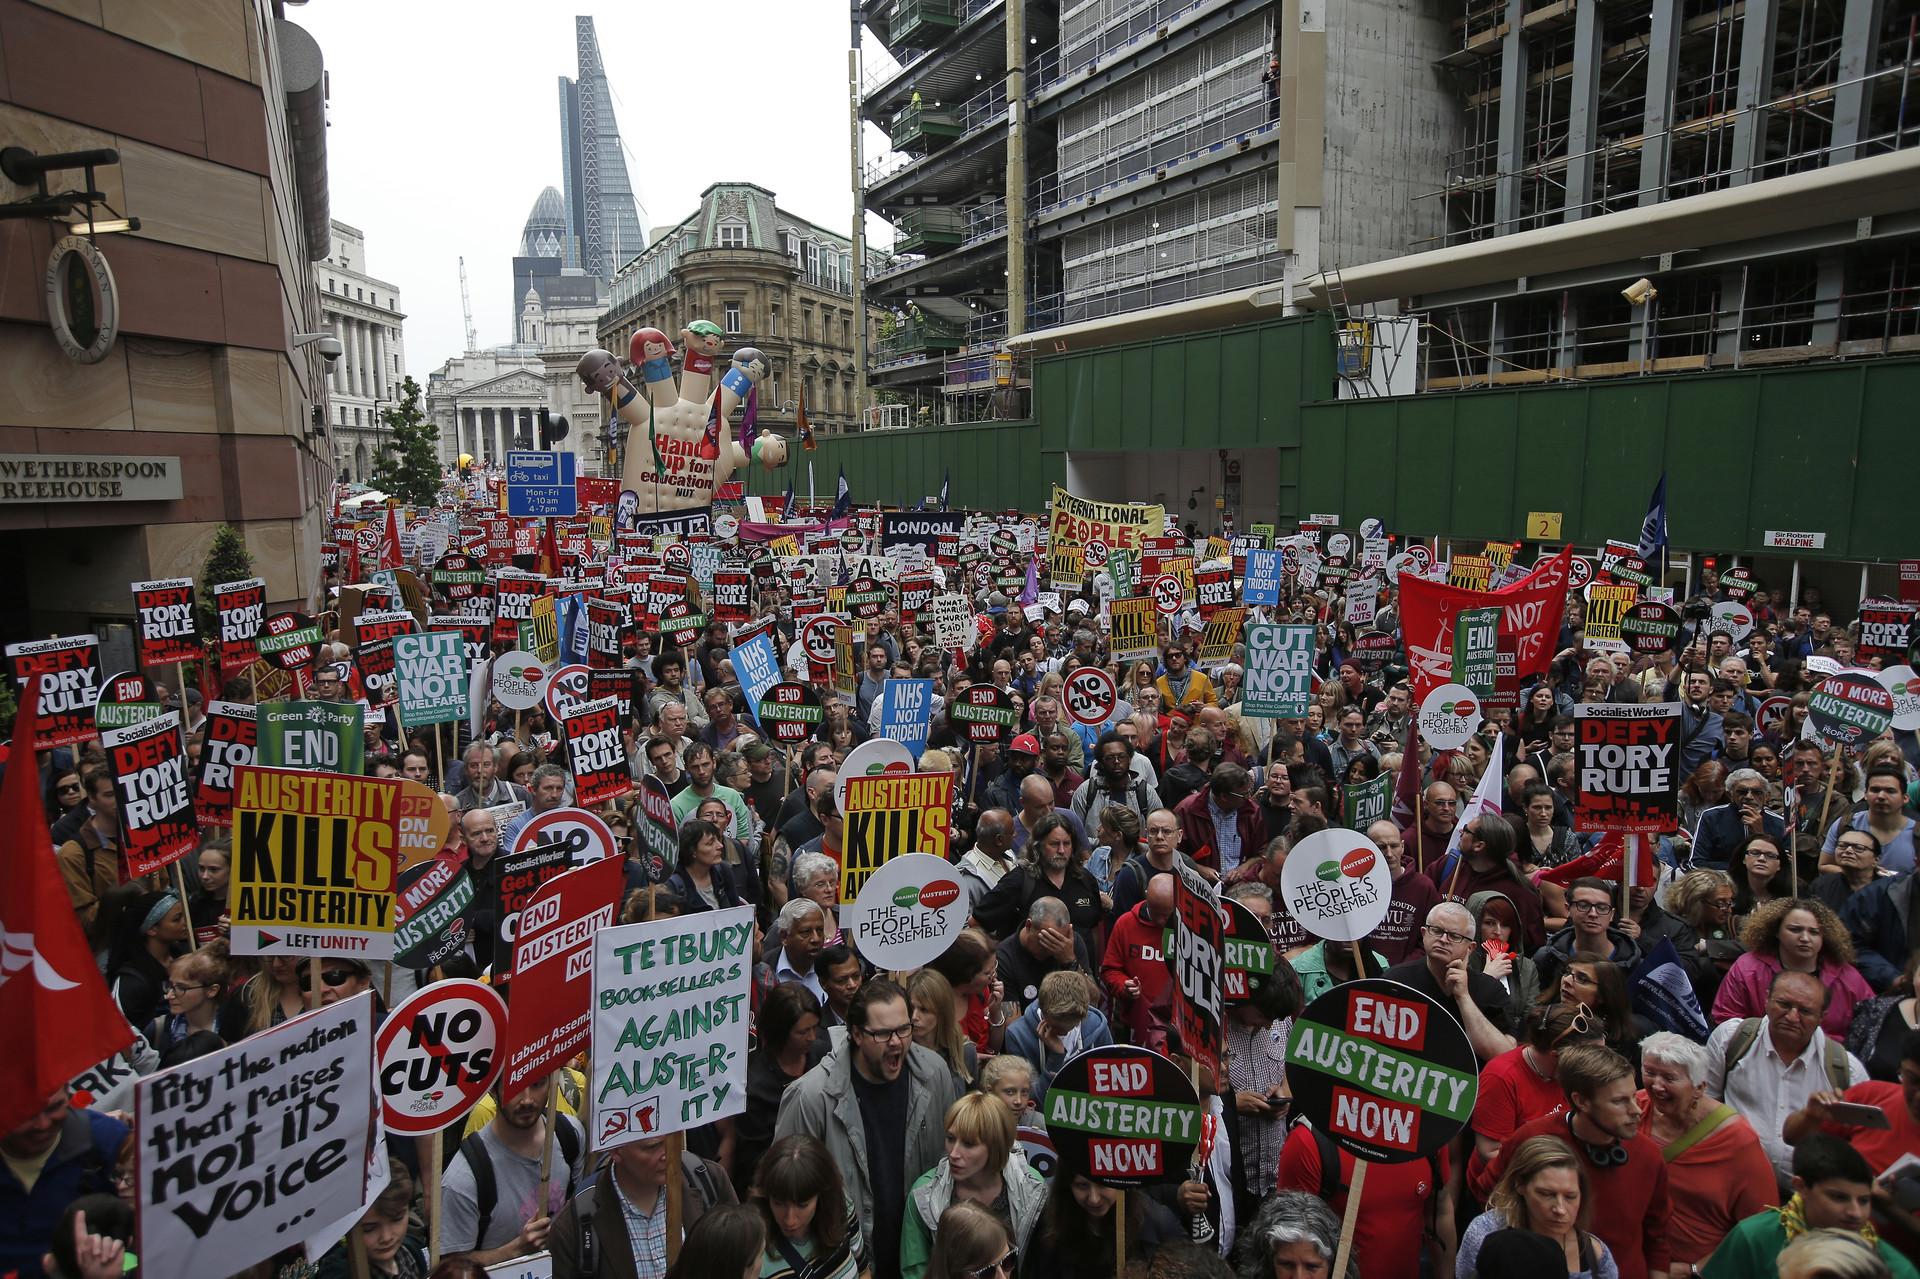 EN VIVO: Miles de personas protestan contra la austeridad en Londres